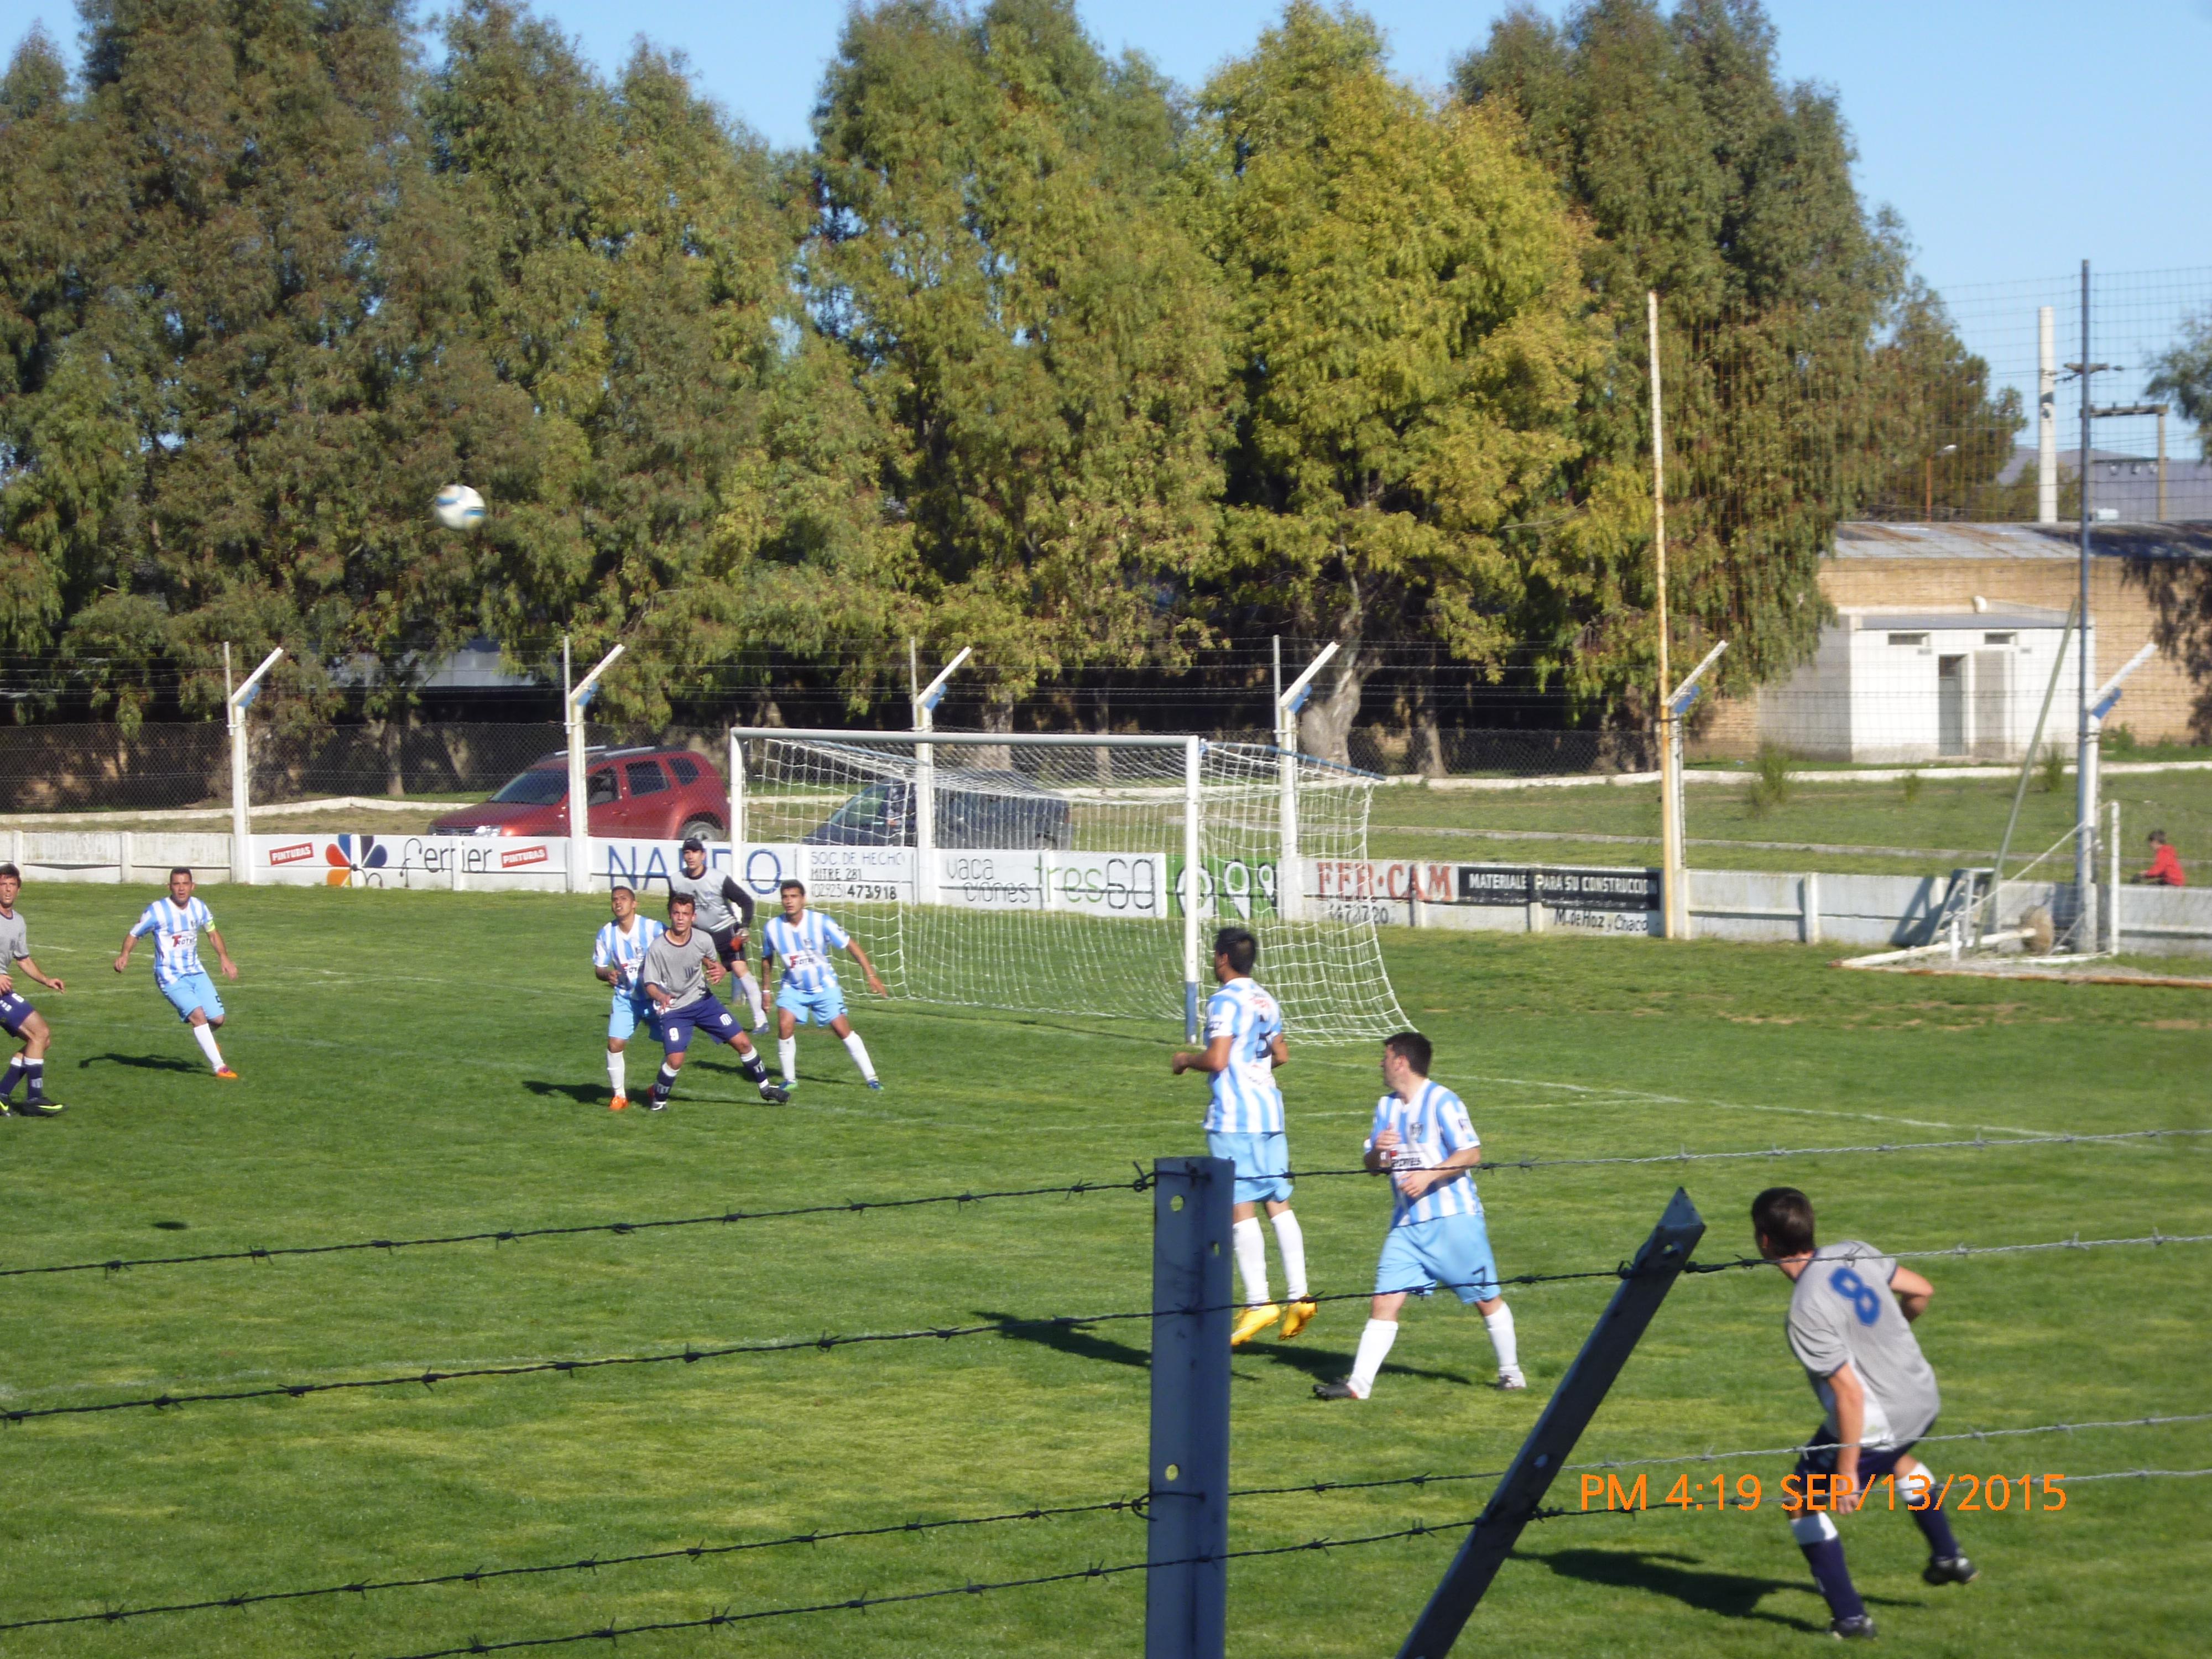 LRF - Triunfos de Sarmiento y Peñarol y una dura derrota de Unión en una nueva fecha del fútbol liguista.